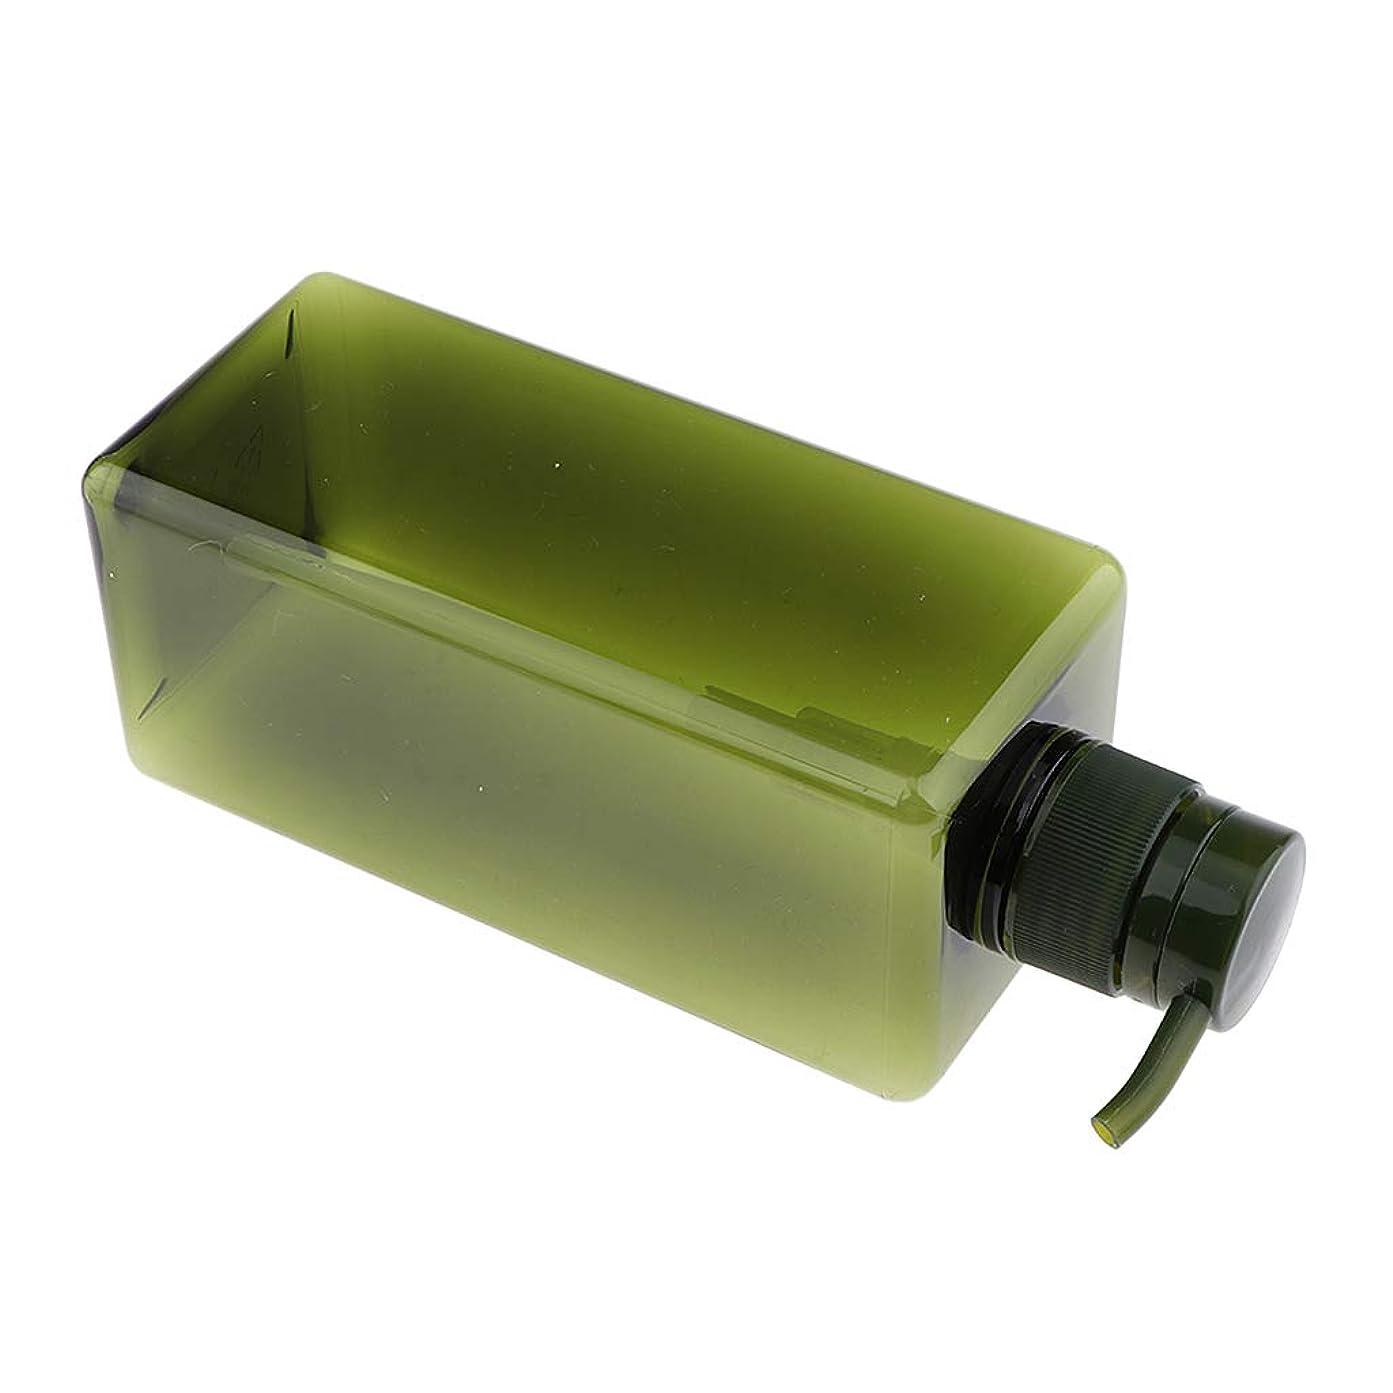 征服者投資する倒錯B Baosity ソープディスペンサー ローションボトル シャンプーコンテナ 650ml 高品質 プラスチック 4色選べ - グリーン